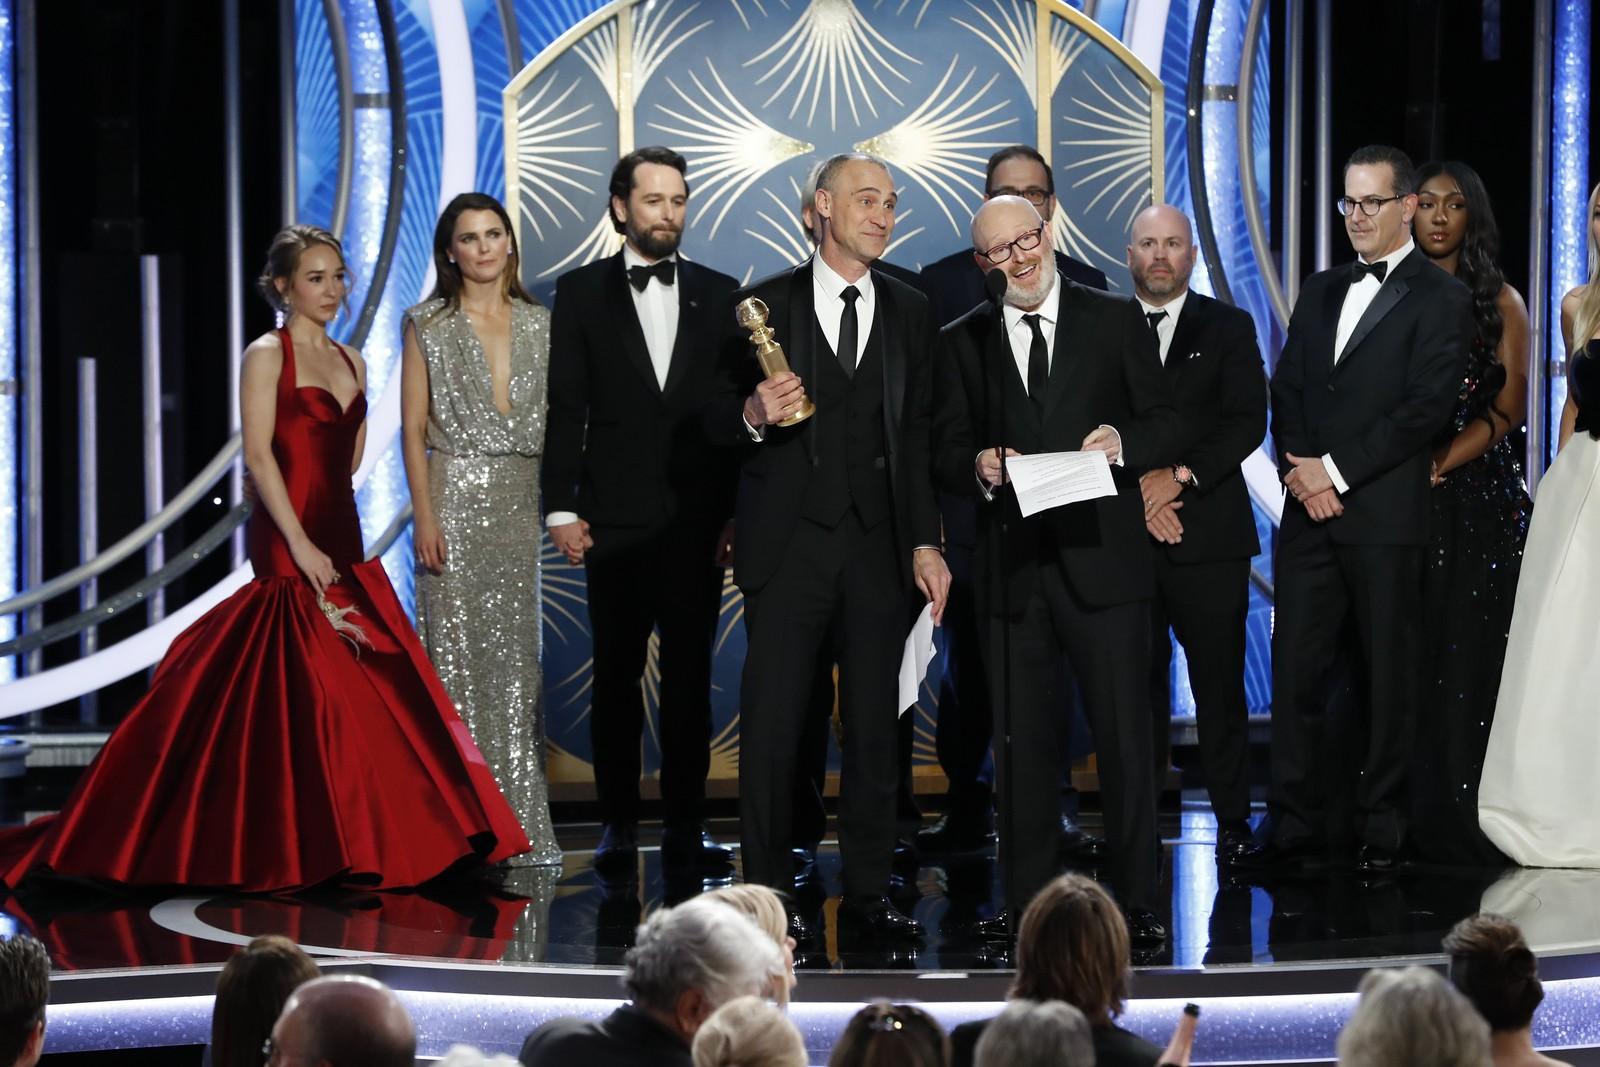 GLOBO DE OURO 2019 – Prêmio anual dado aos melhores da TV e cinema